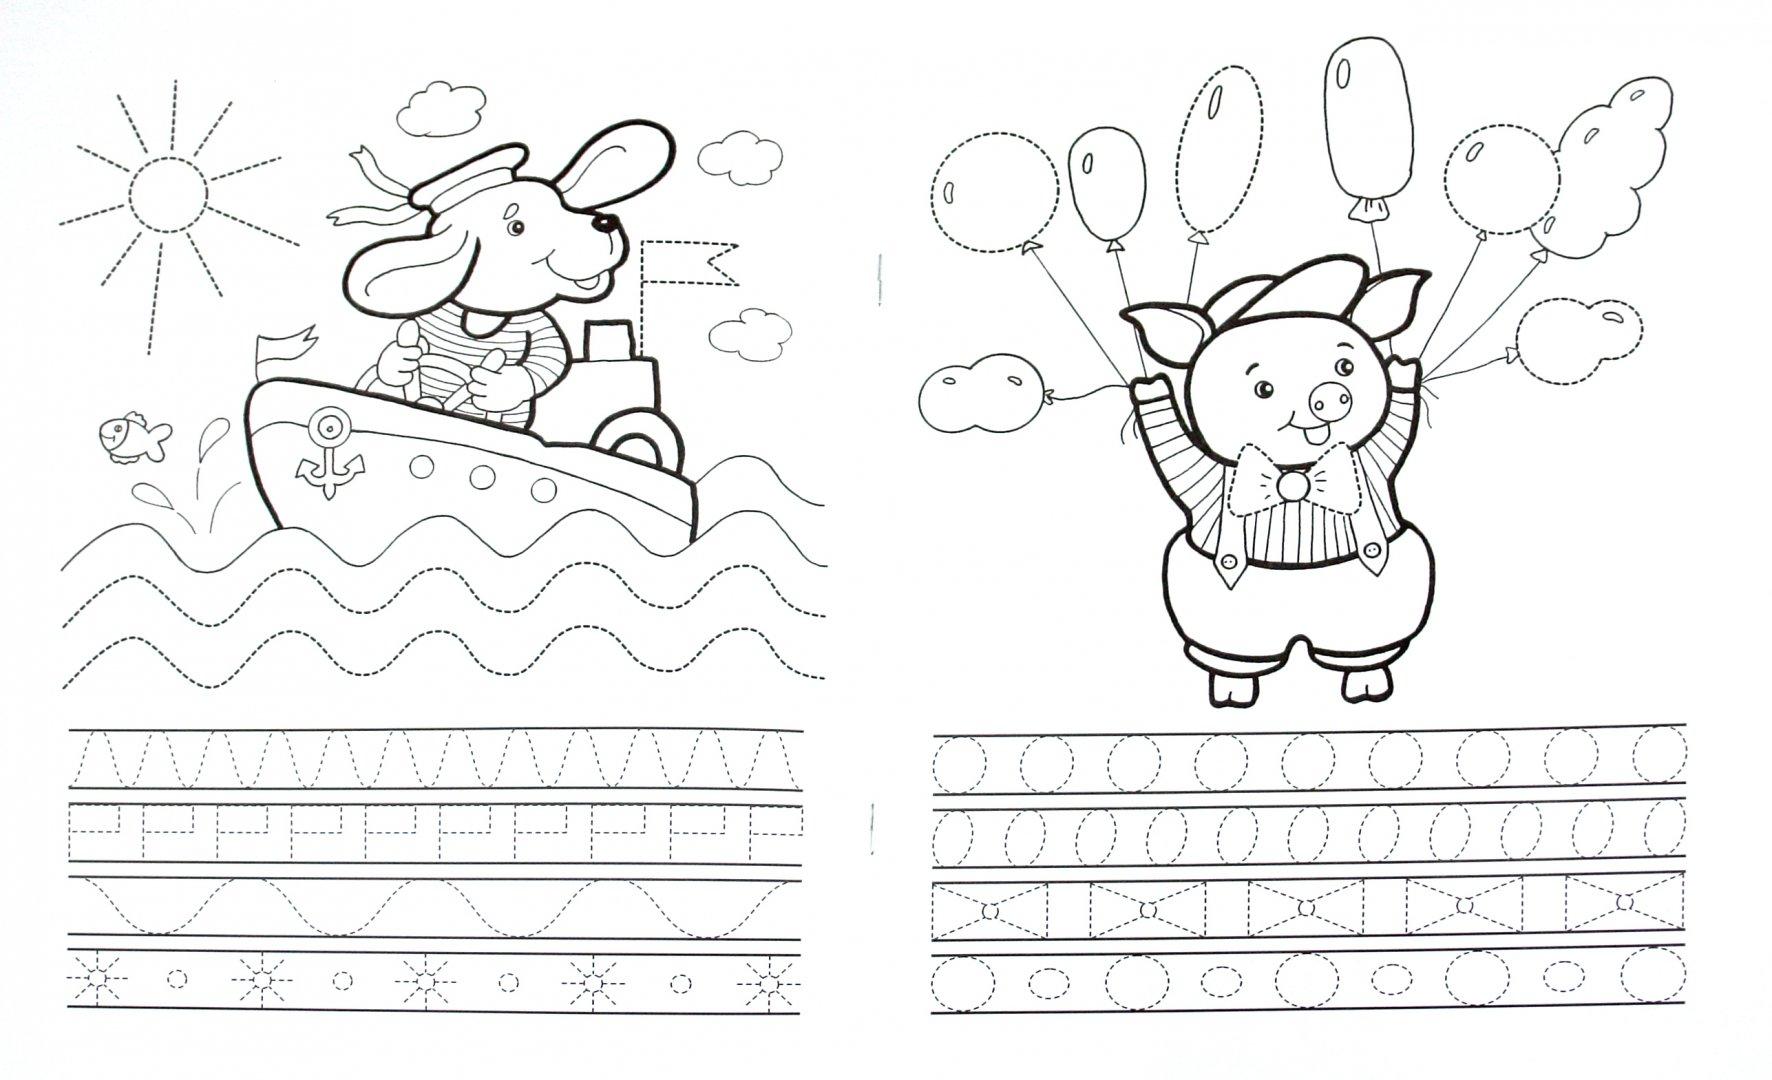 Иллюстрация 1 из 3 для Прописи. Зверюшки - Лариса Маврина | Лабиринт - книги. Источник: Лабиринт